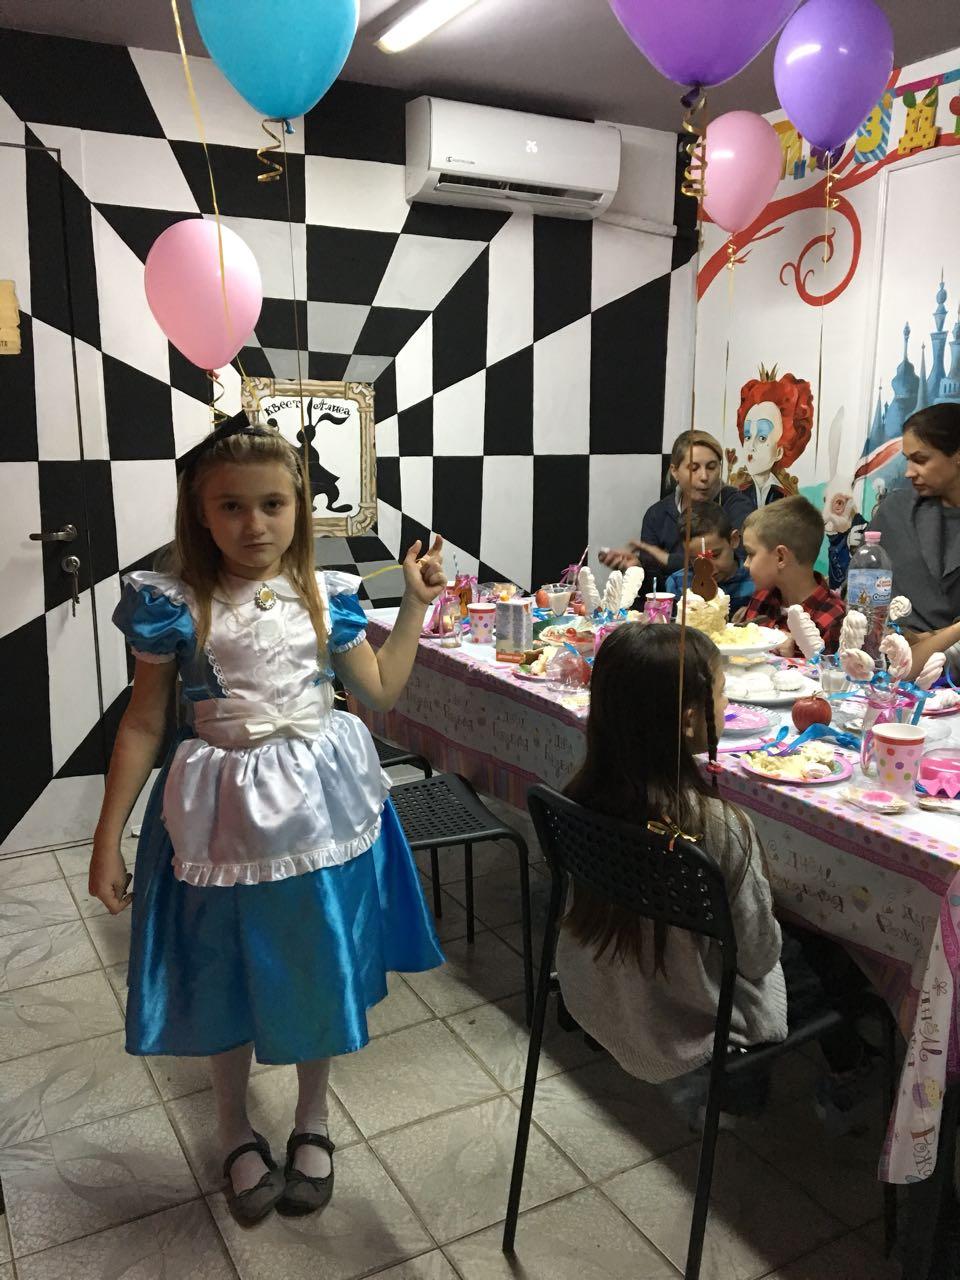 Детский День рождения в квестах Алиса и Гарри Поттер на Ларина